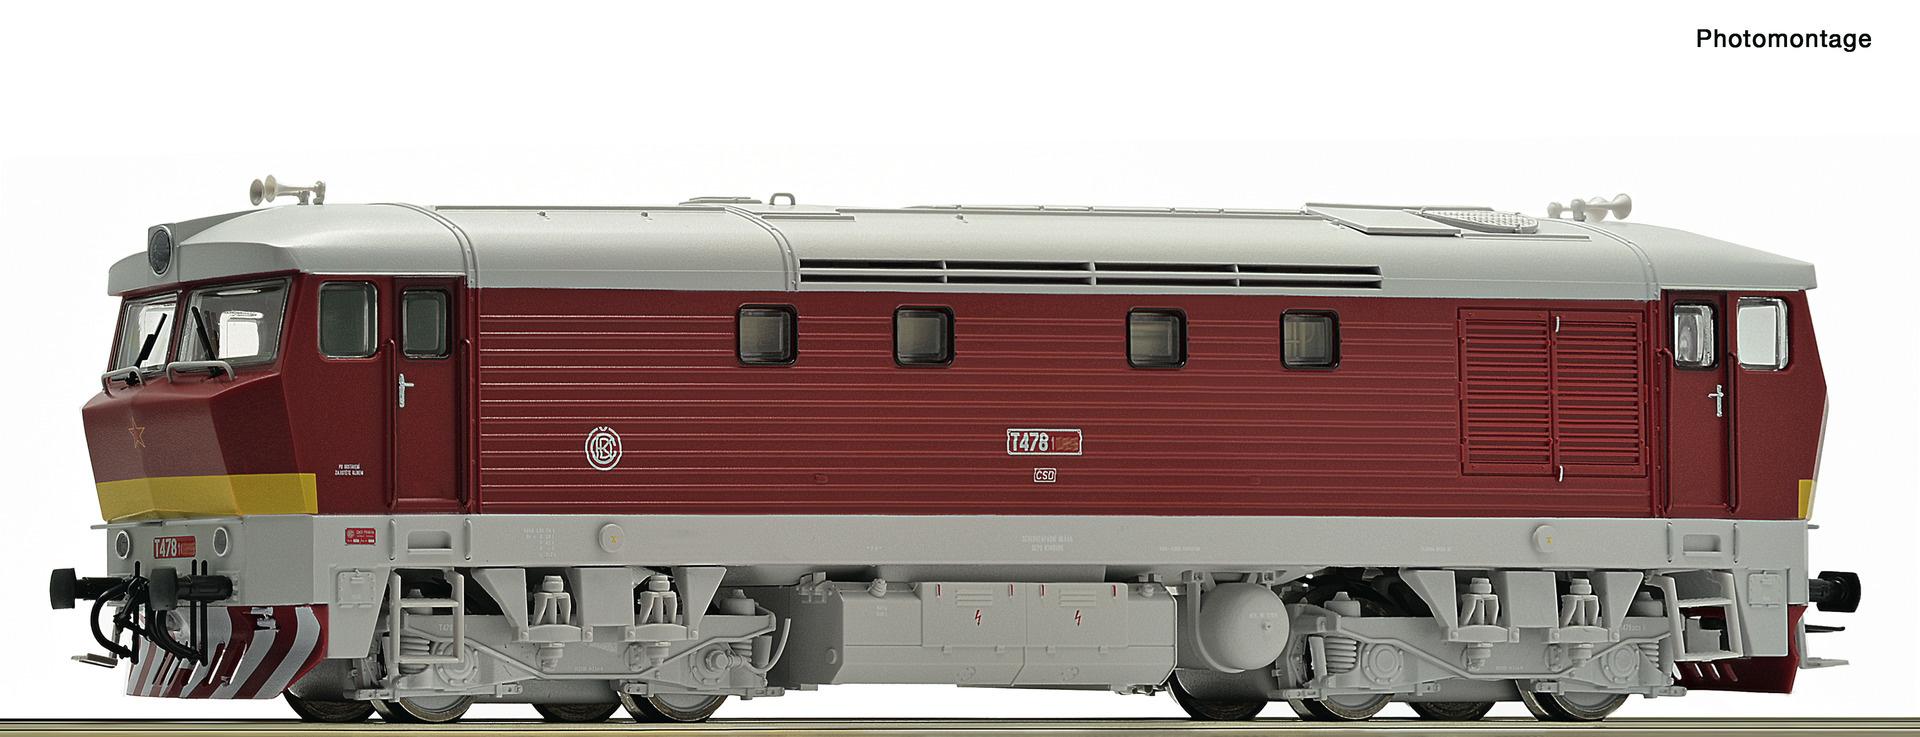 70921 Diesellok T478.1 CSD Snd.-1